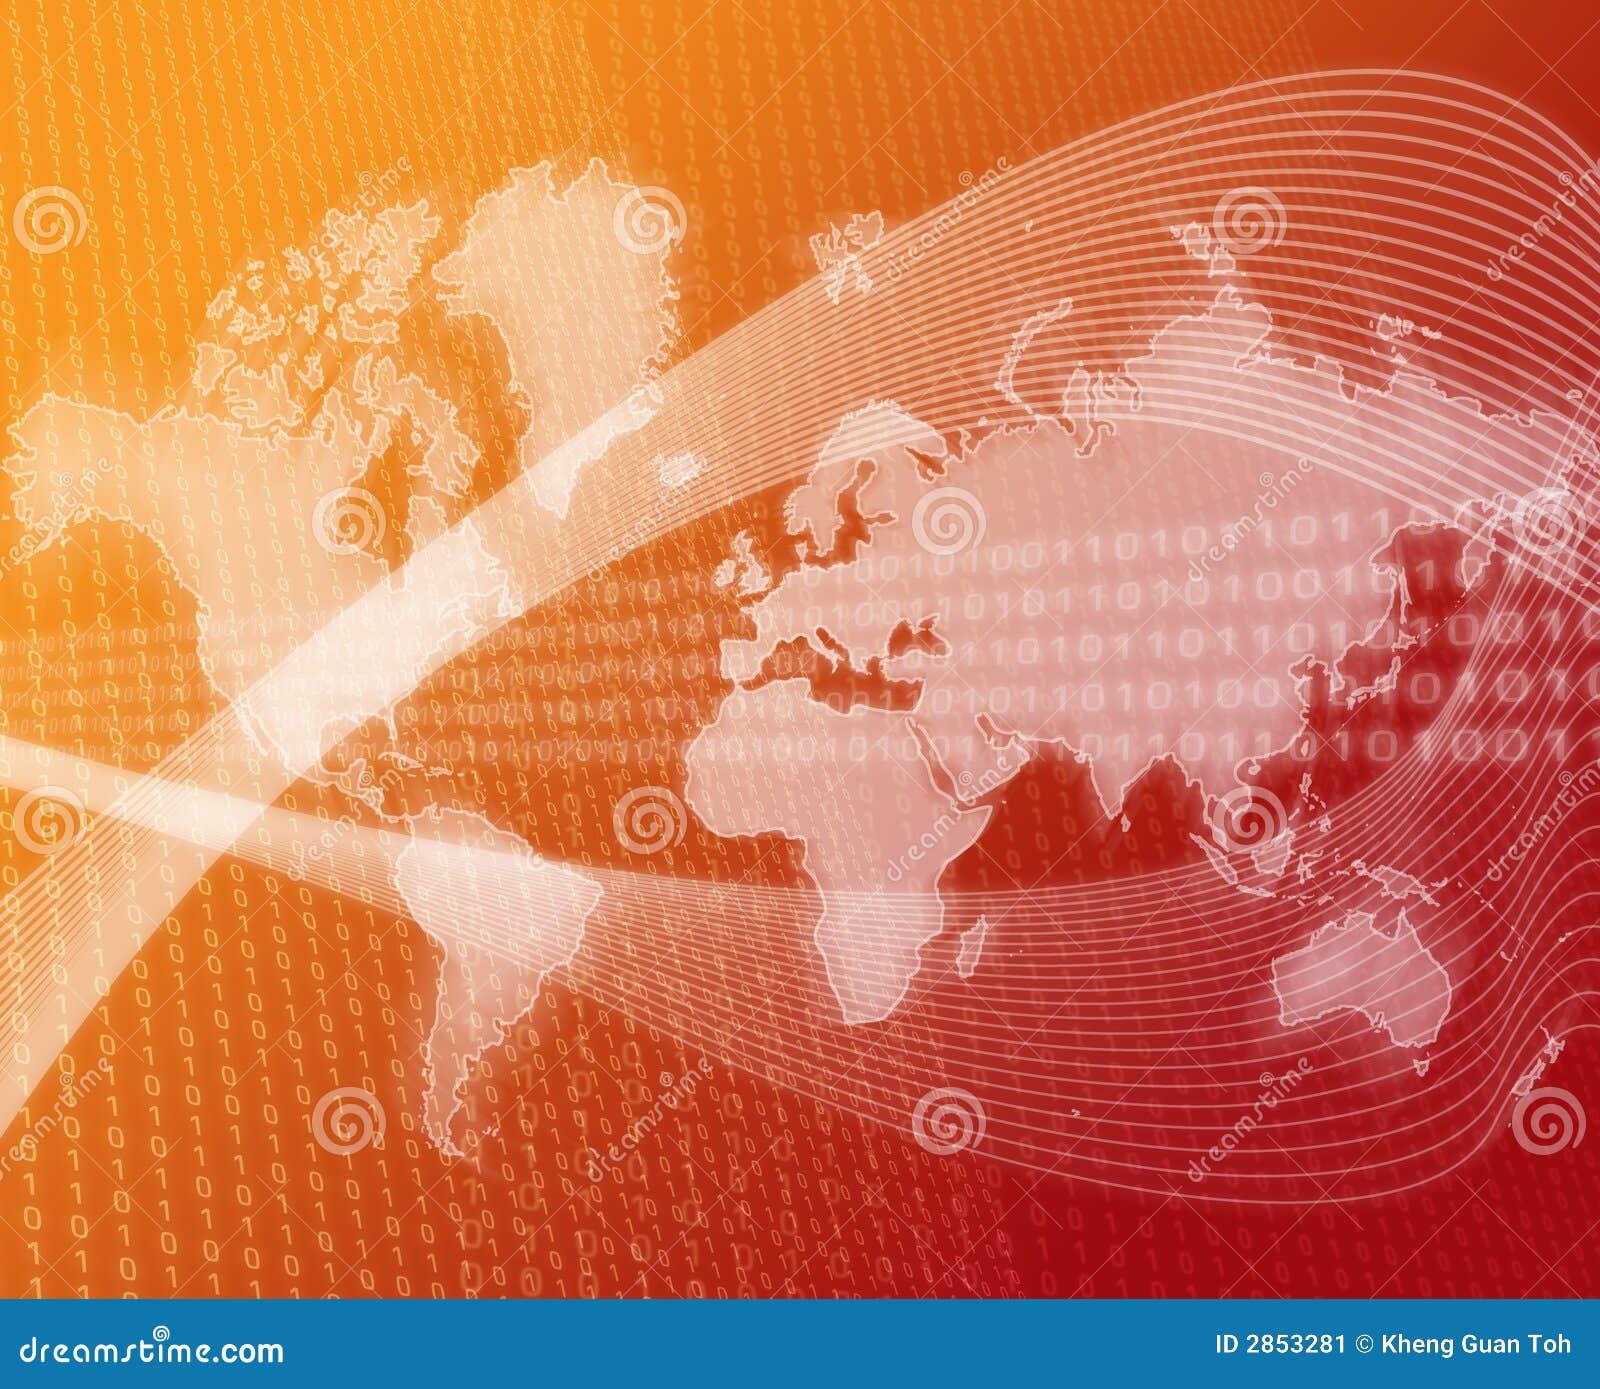 Orange de transfert de données du monde